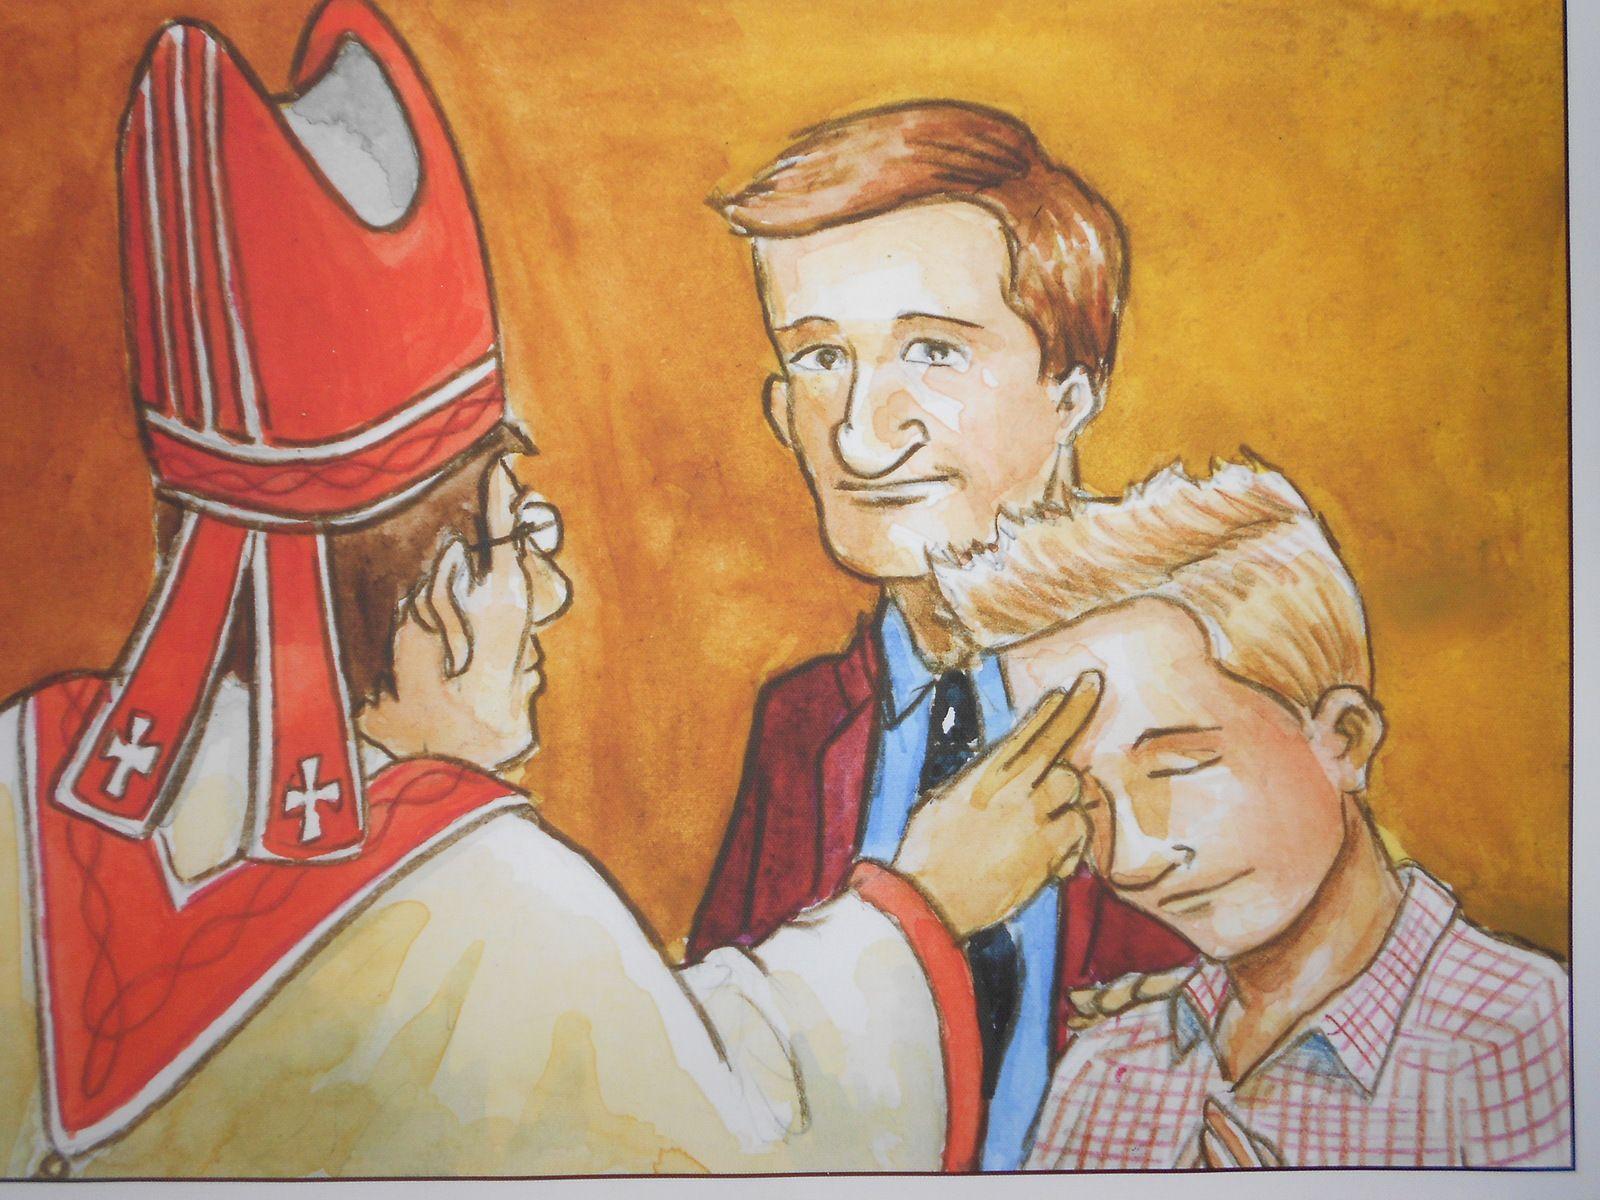 Les sacrements : les dons visibles de Dieu